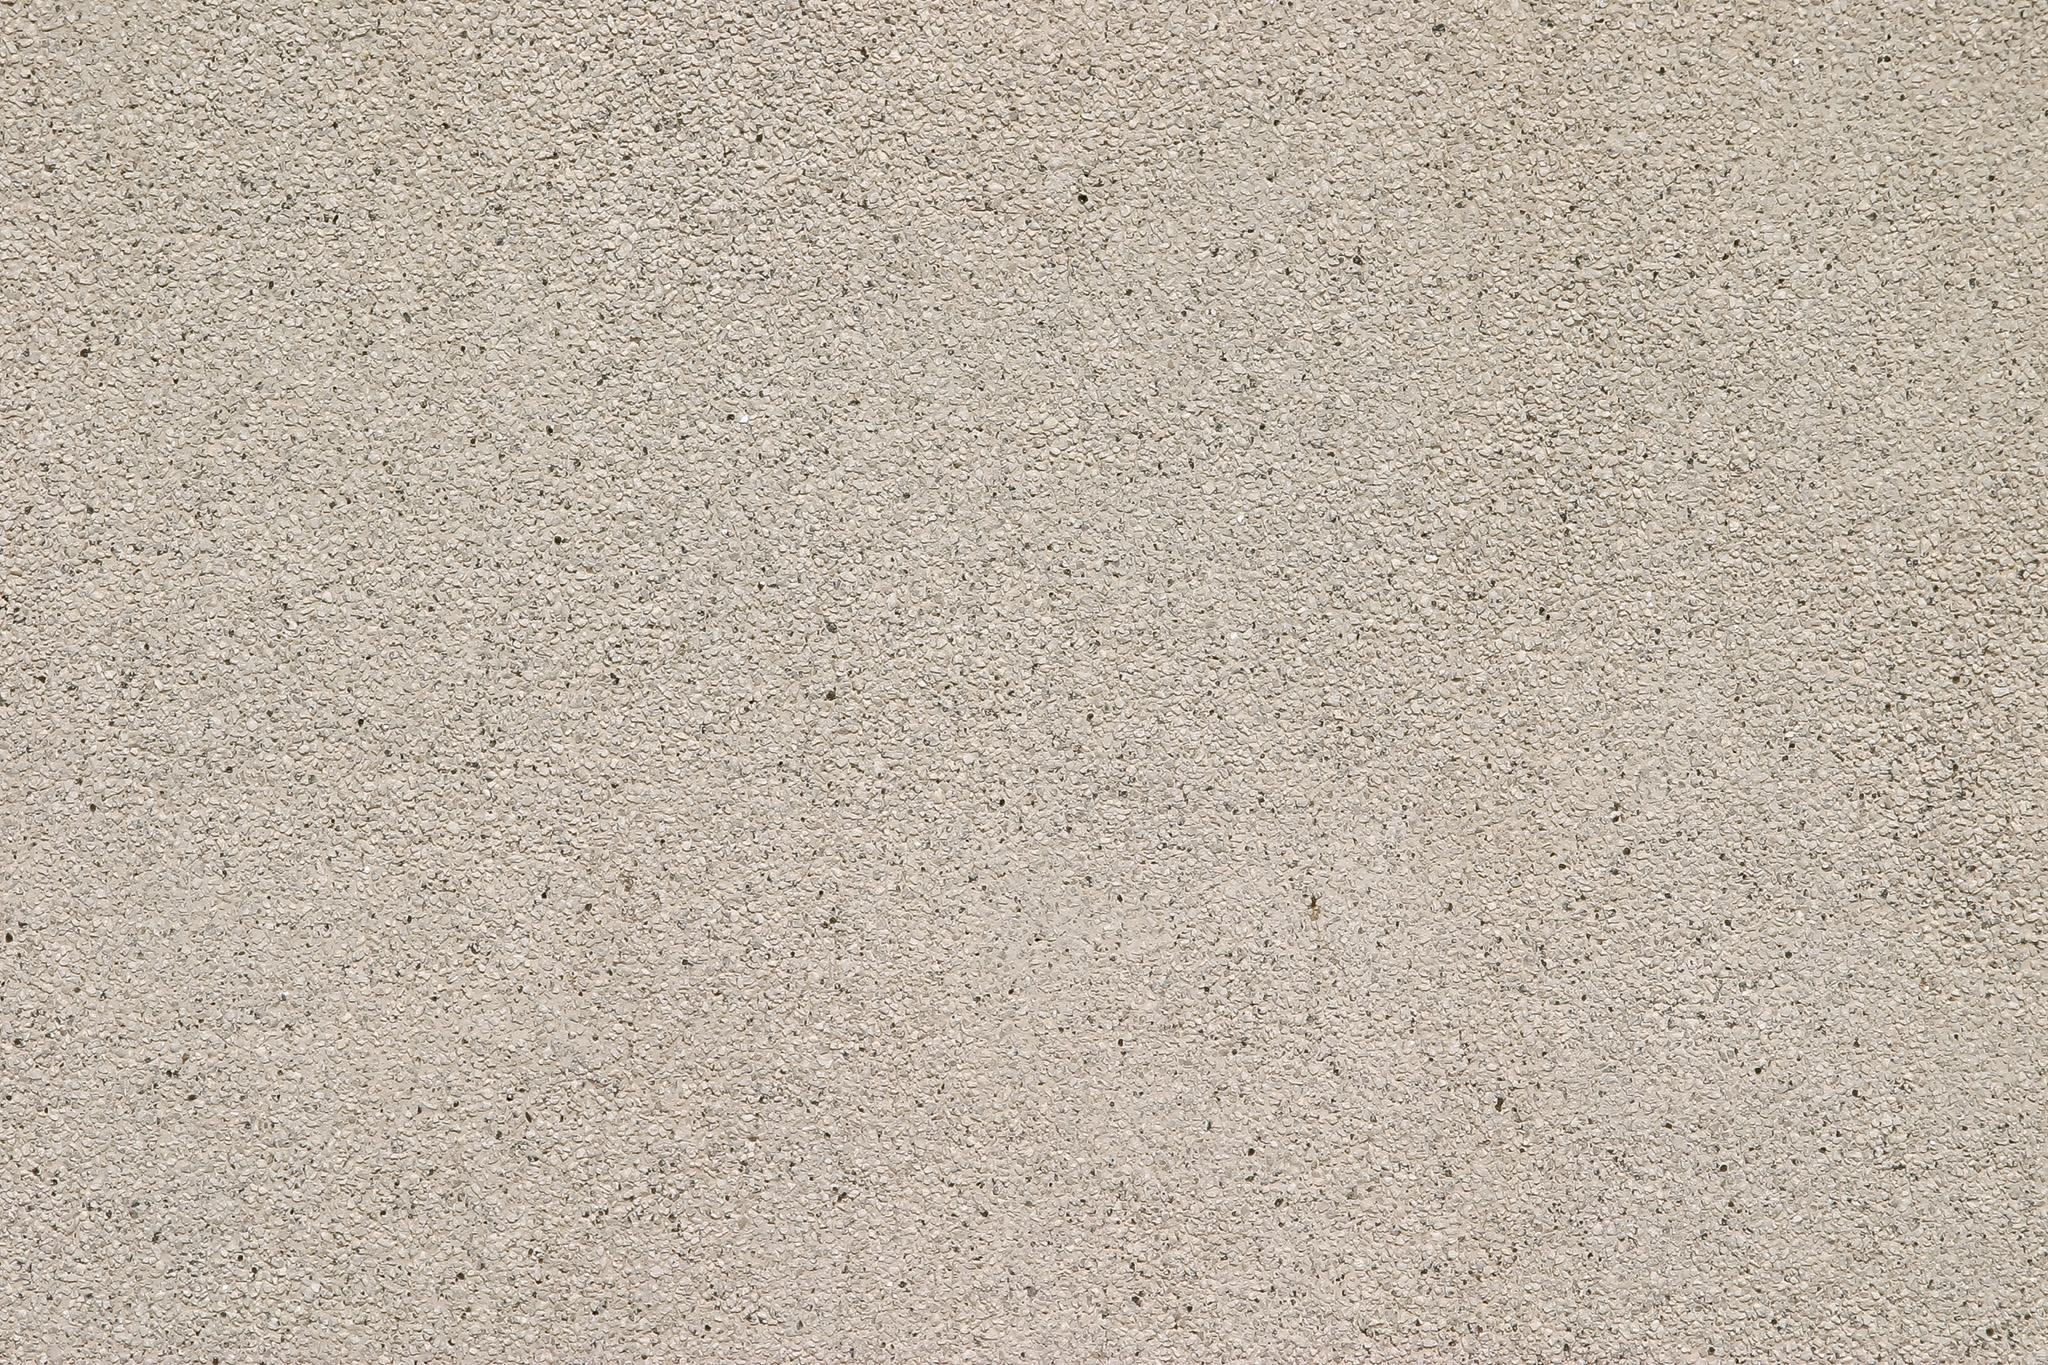 「砂と砂利の壁」のテクスチャを無料ダウンロード